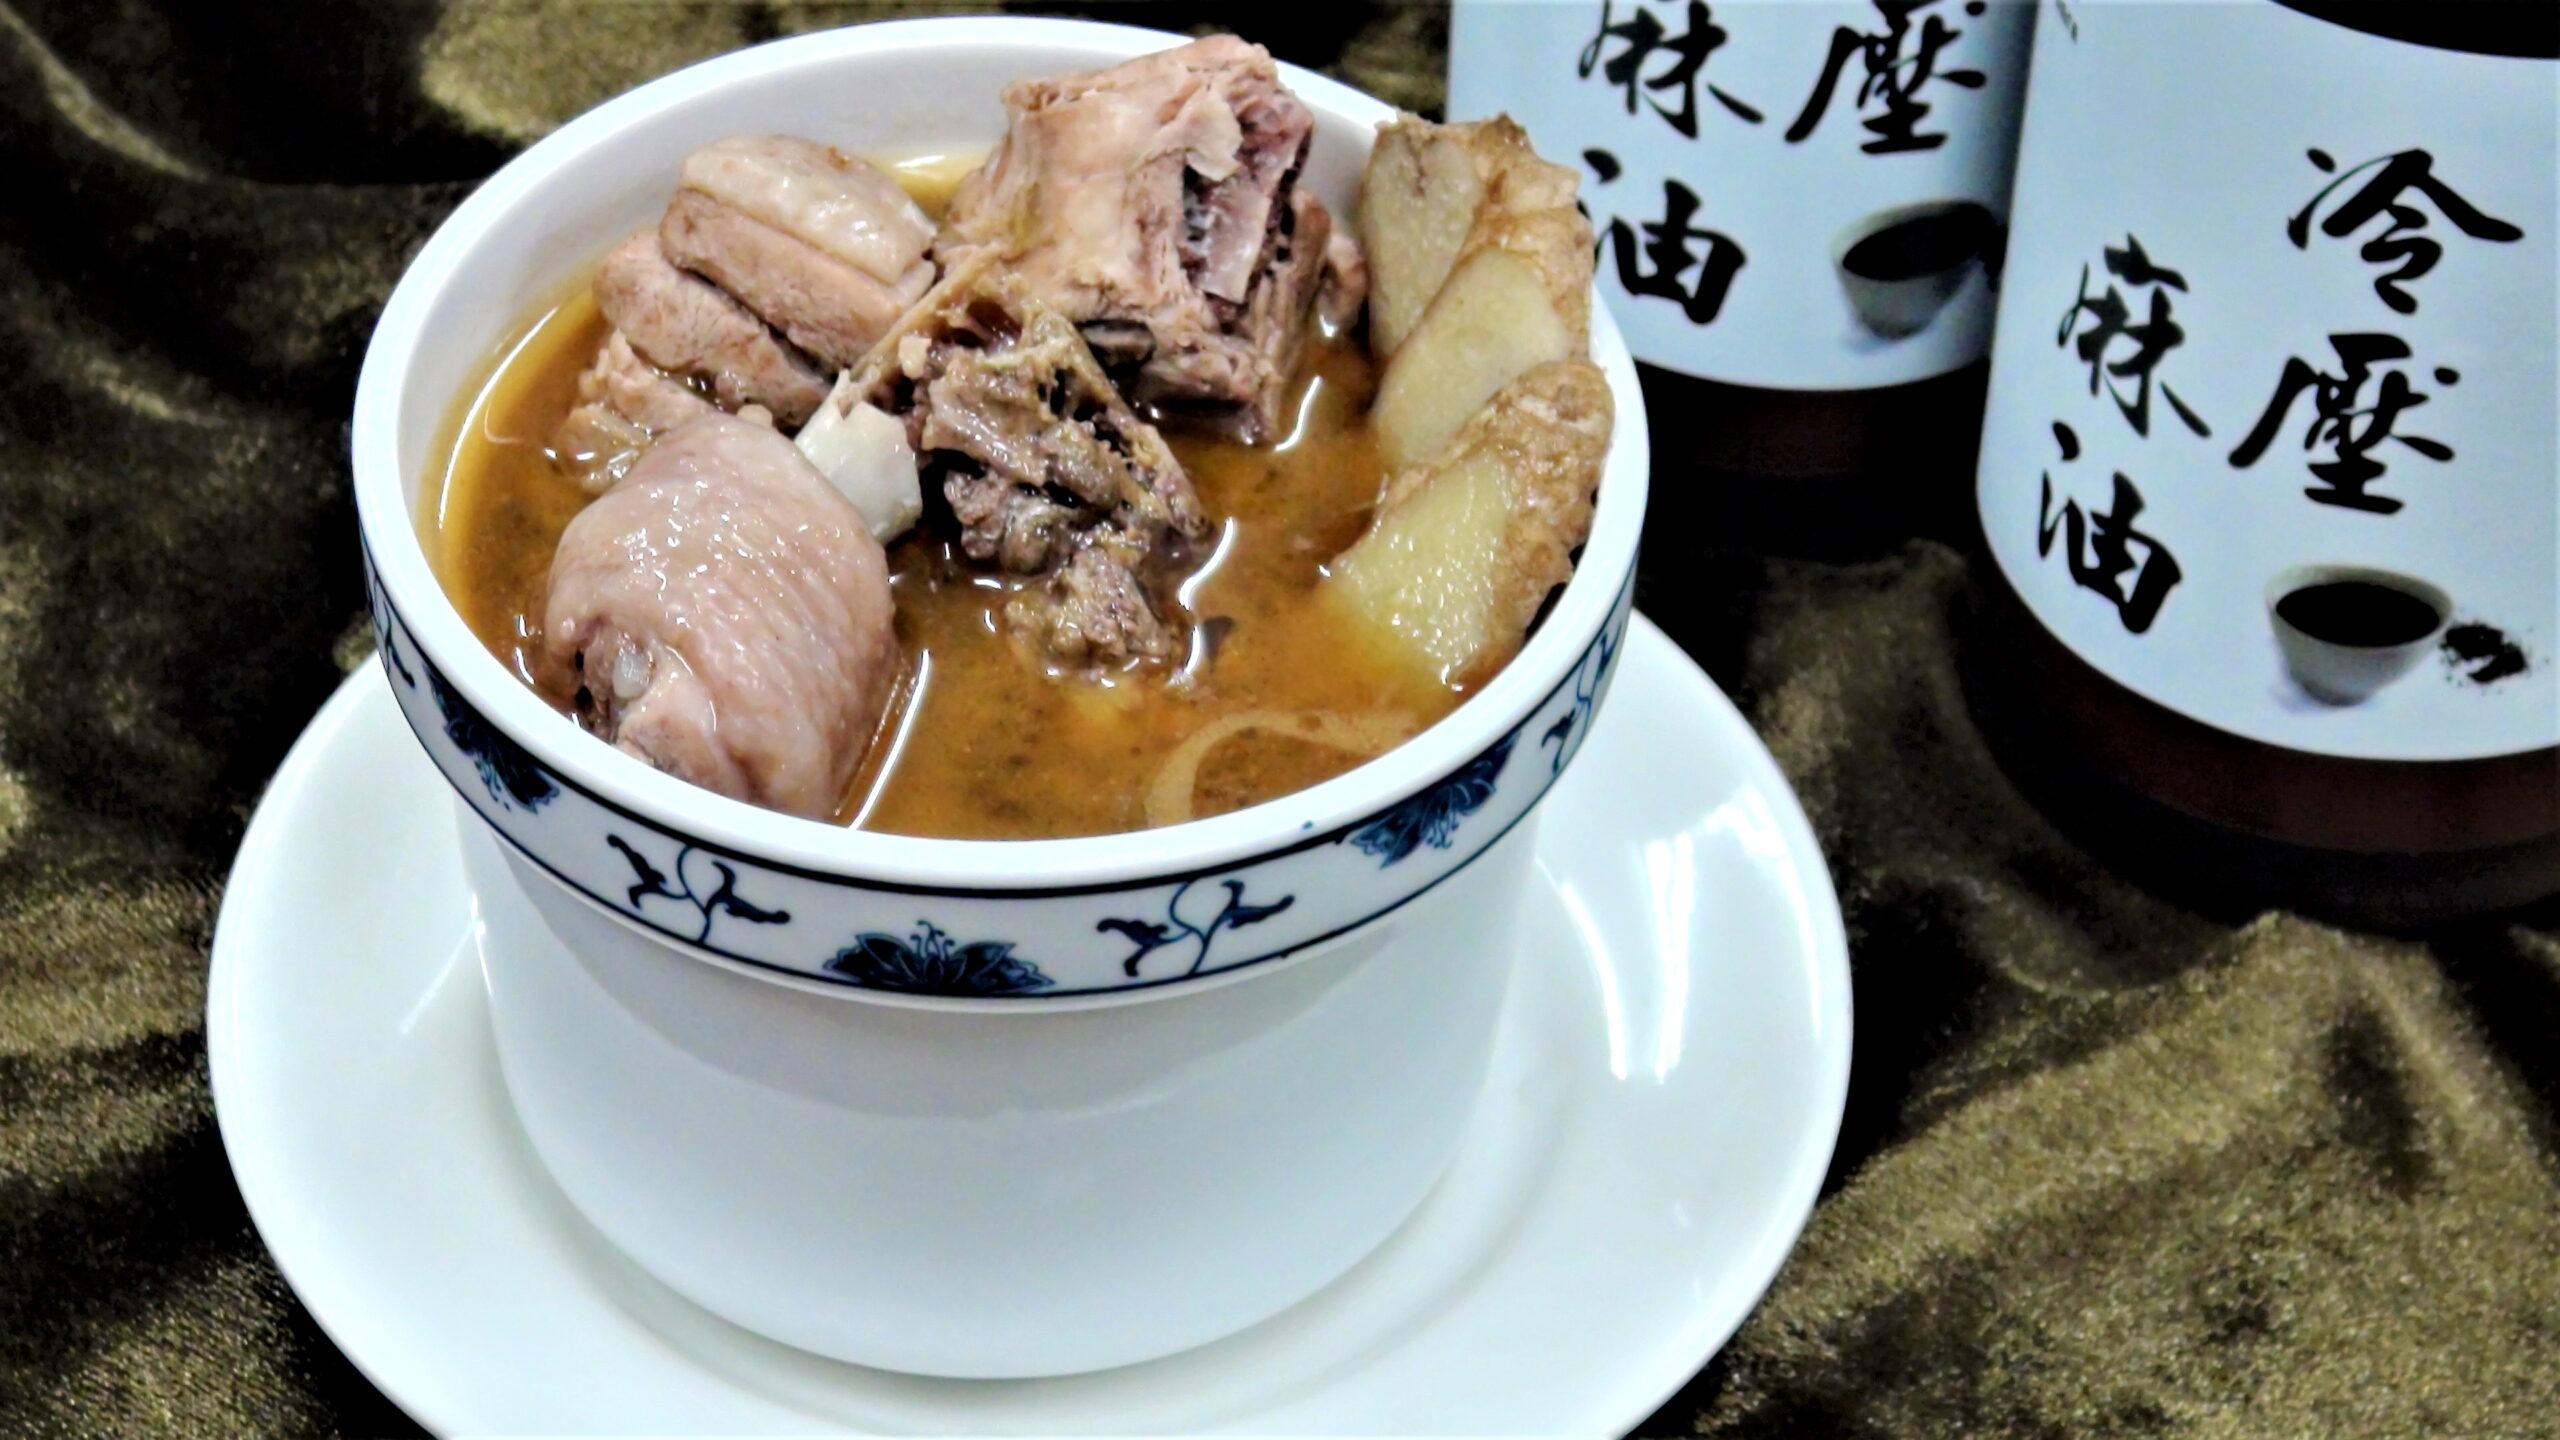 雞肉湯品系列